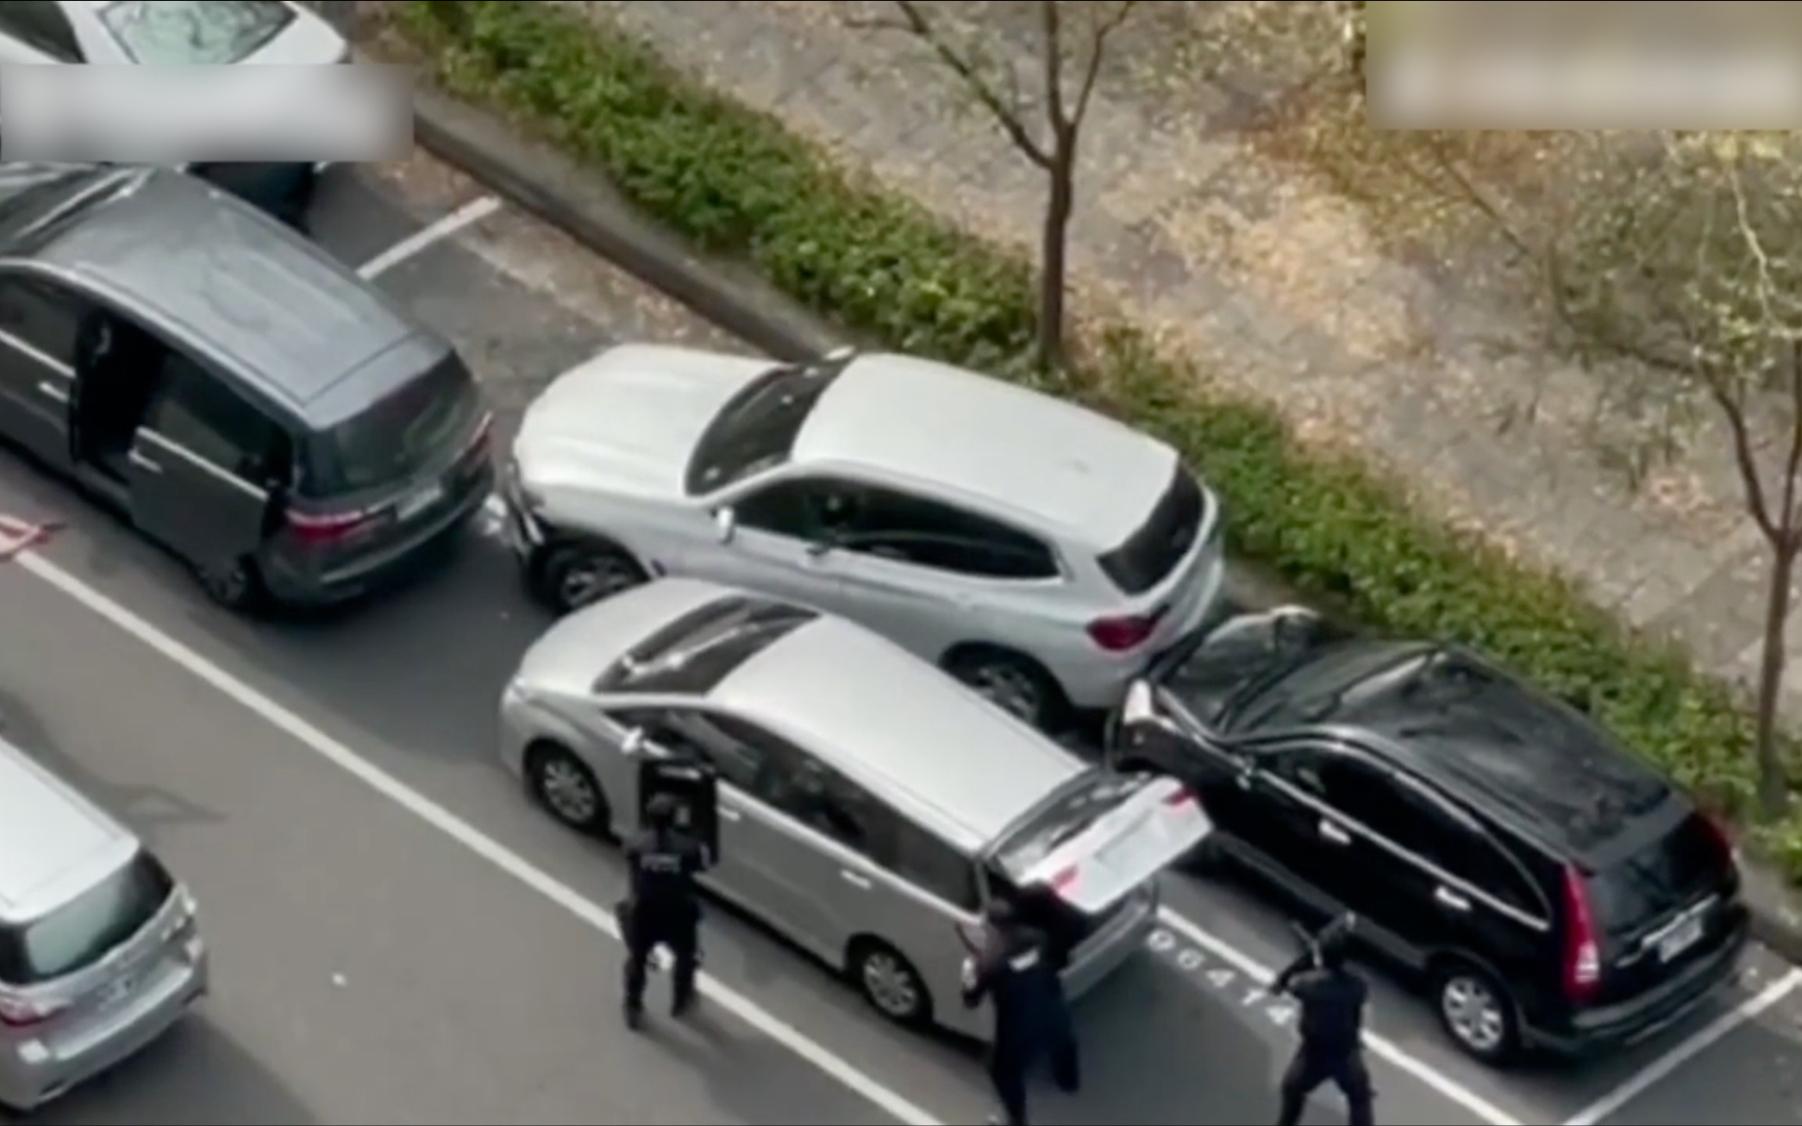 台湾高雄街头枪声大作,警察连开19枪打死劫匪嫌犯